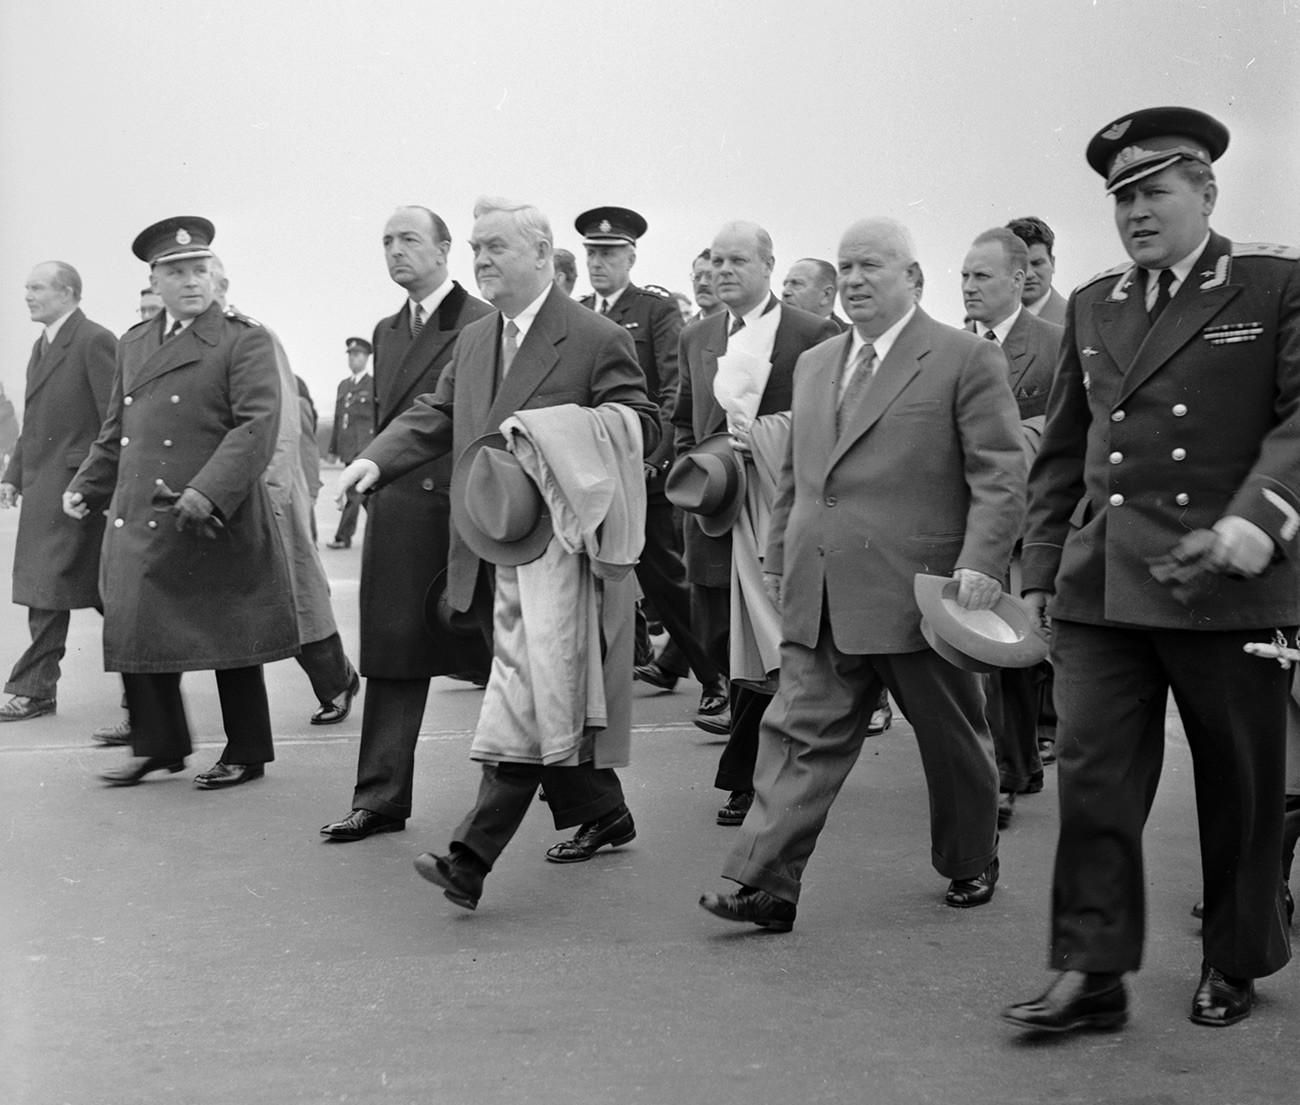 Khruschov (1894 - 1971).